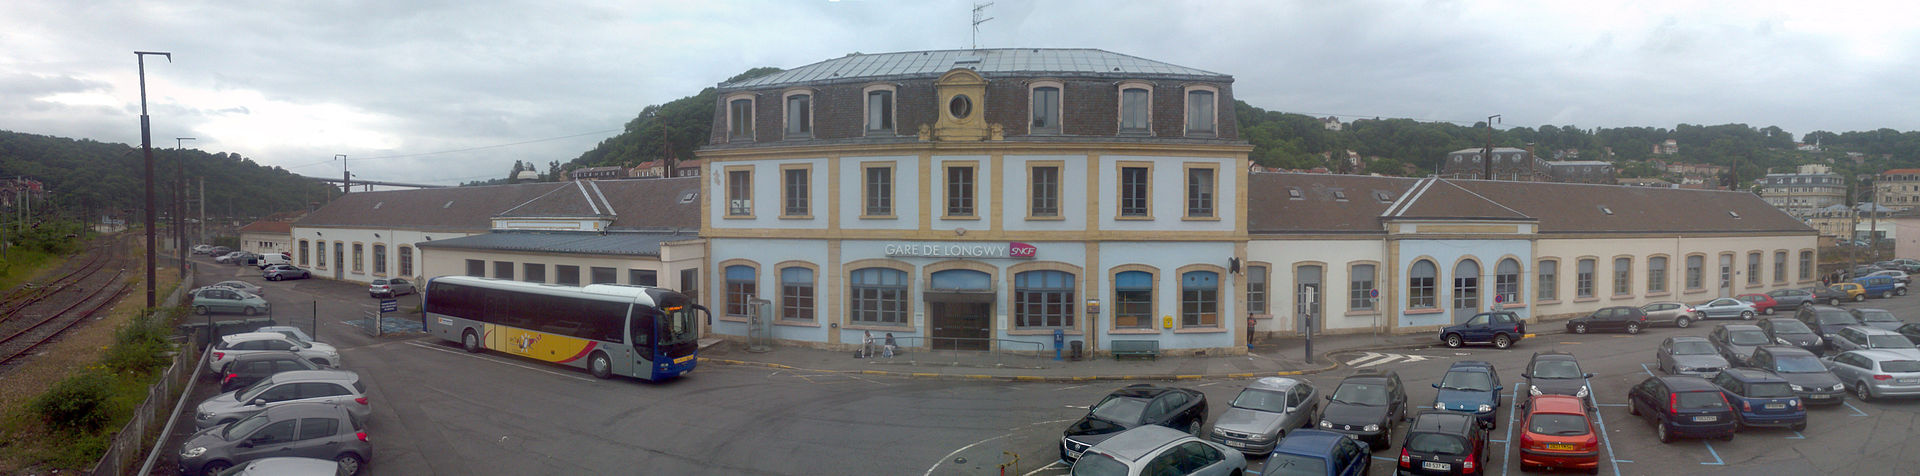 Longwy-train-station